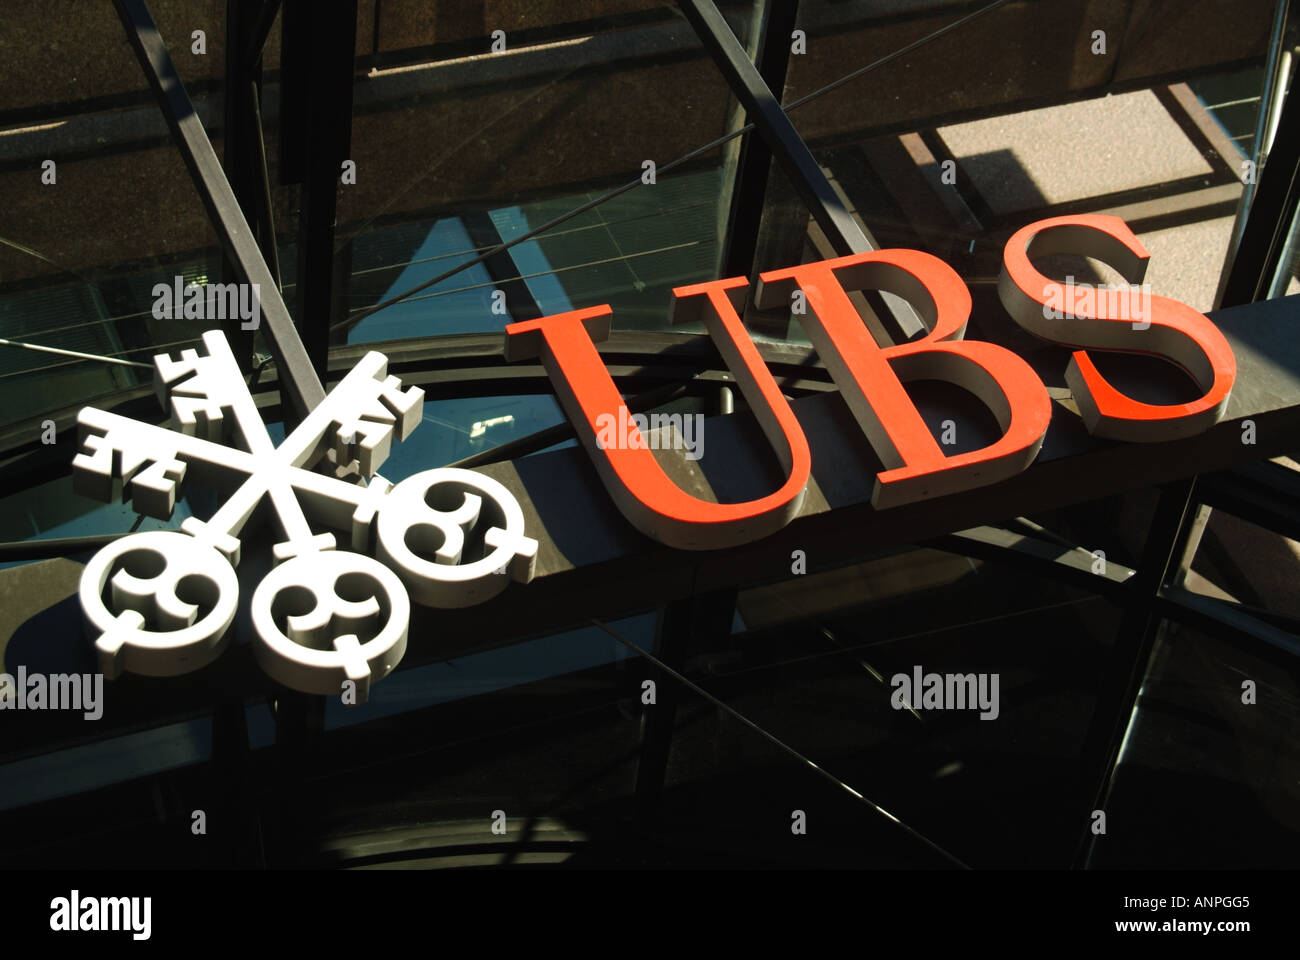 Ubs Logo London Stock Photos & Ubs Logo London Stock Images